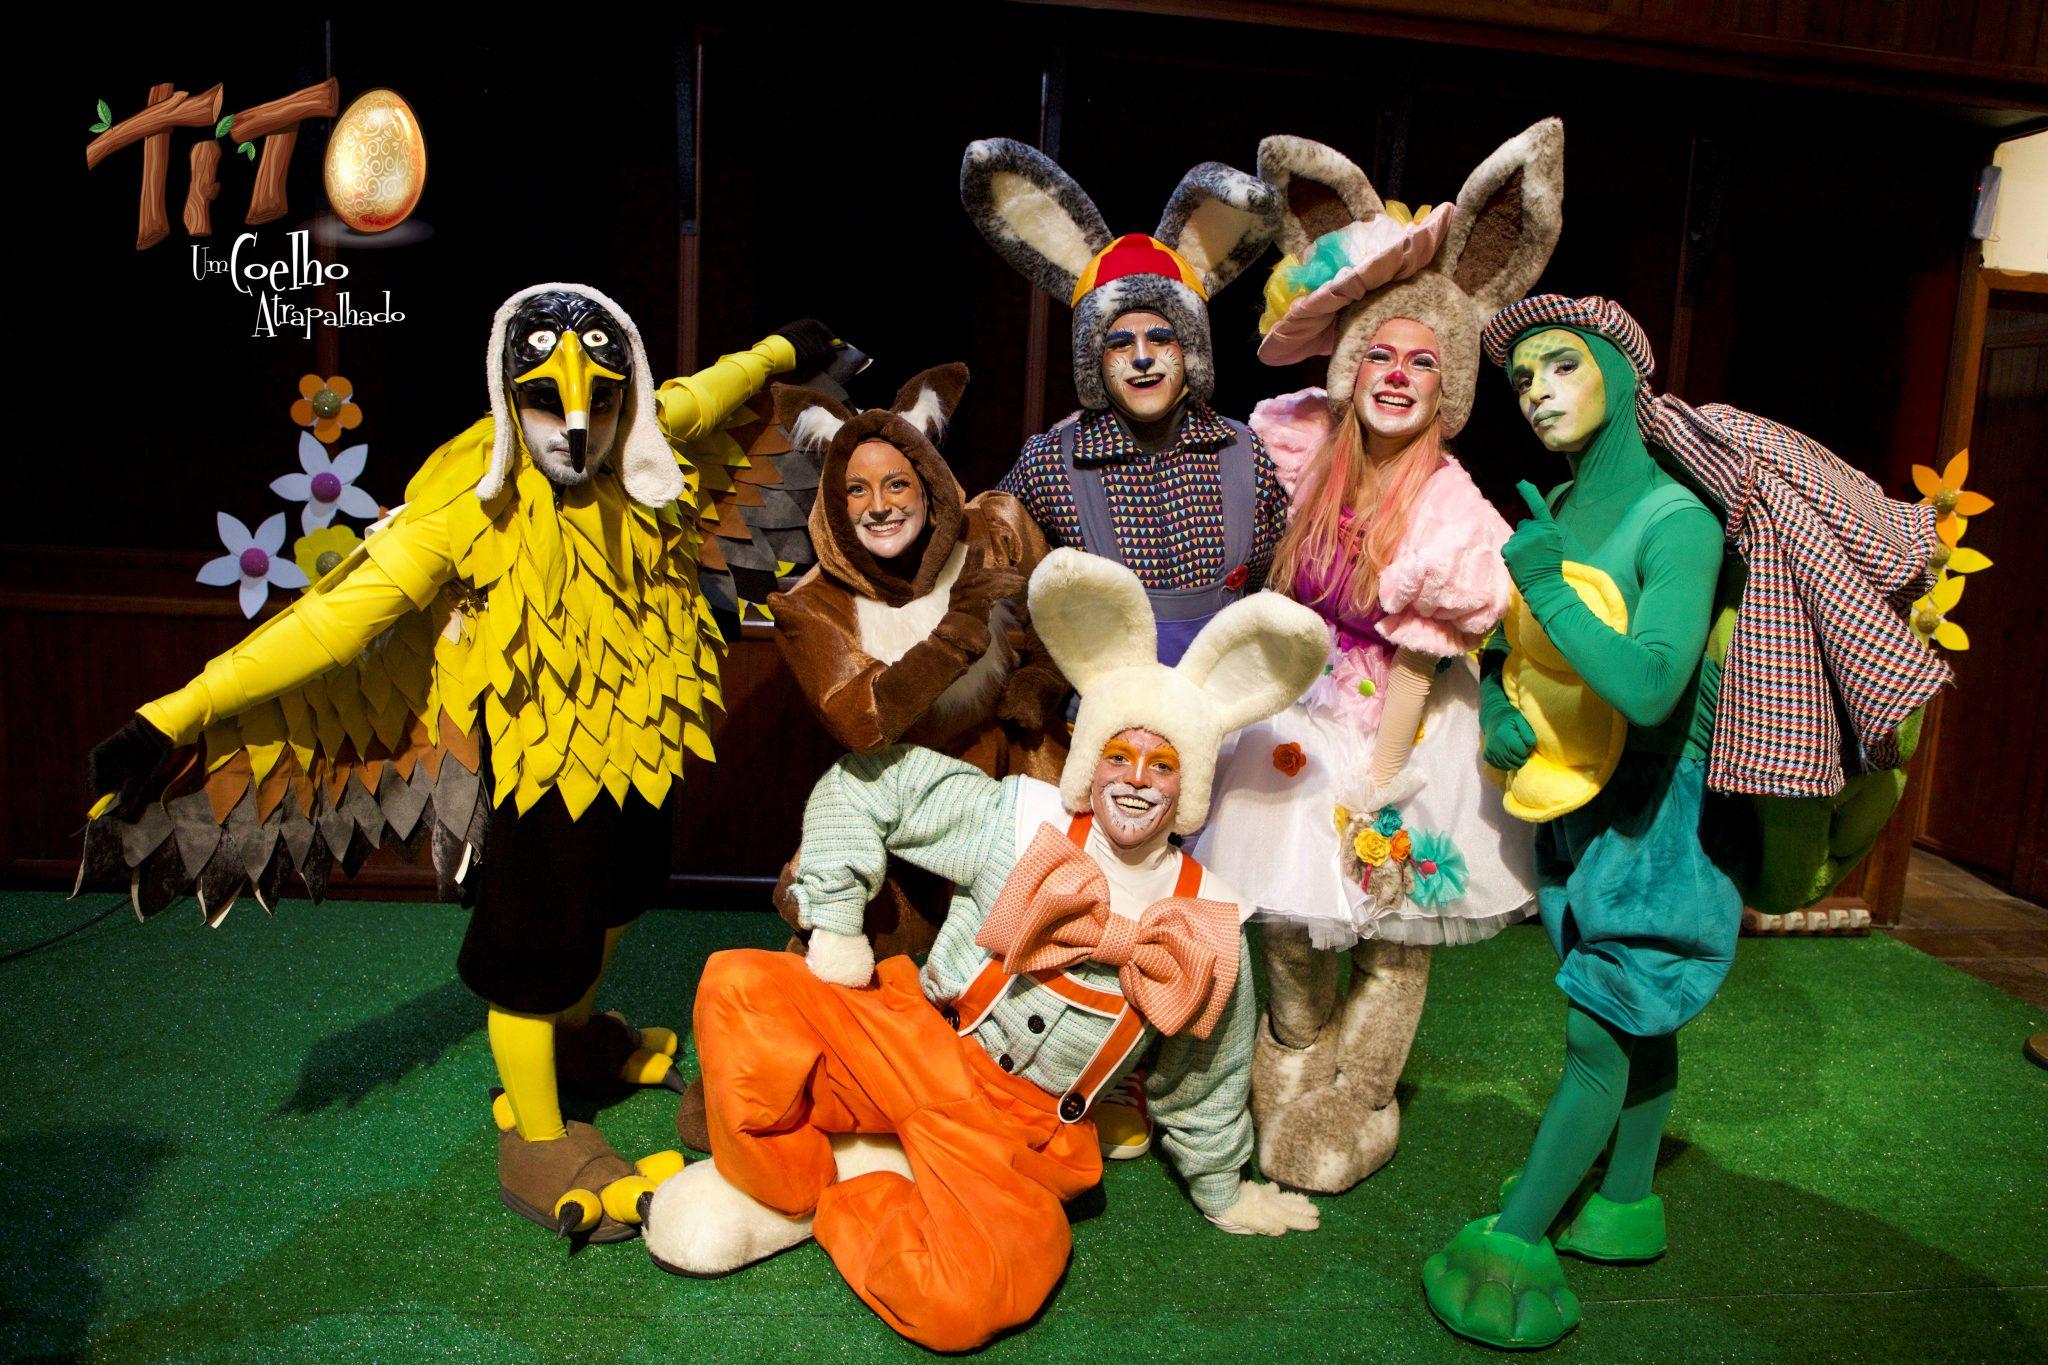 Tito, um coelho atrapalhado 2021 – Teatro Musical Infanti